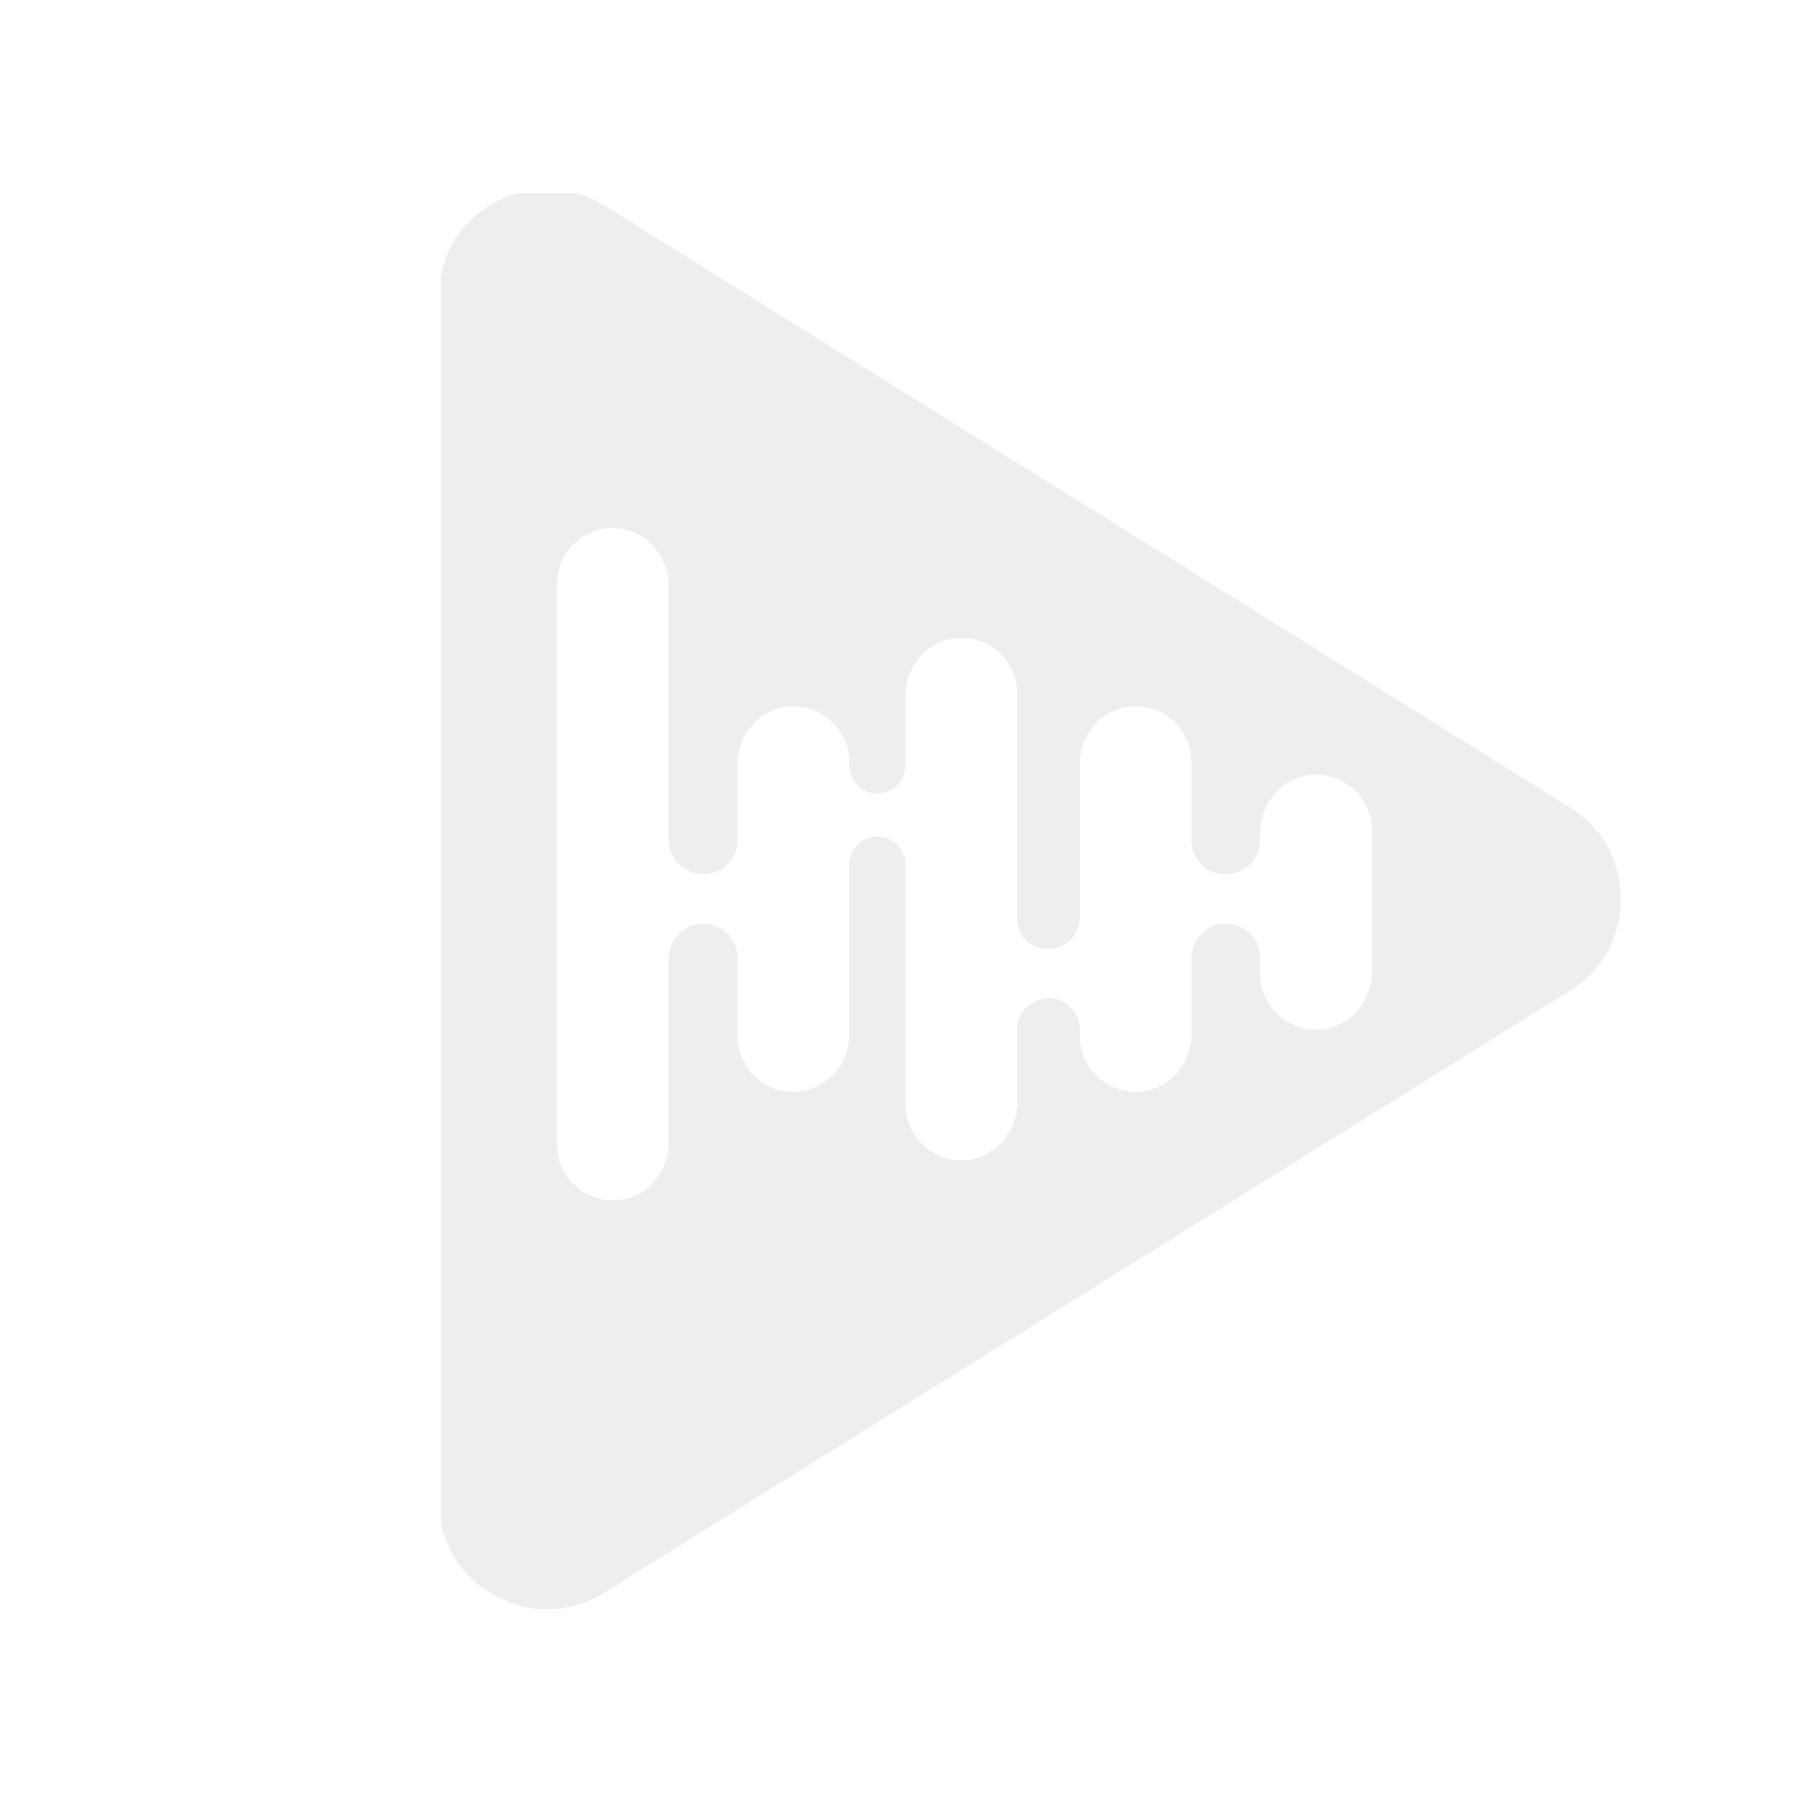 Audison VOCE AV CX 2W MH